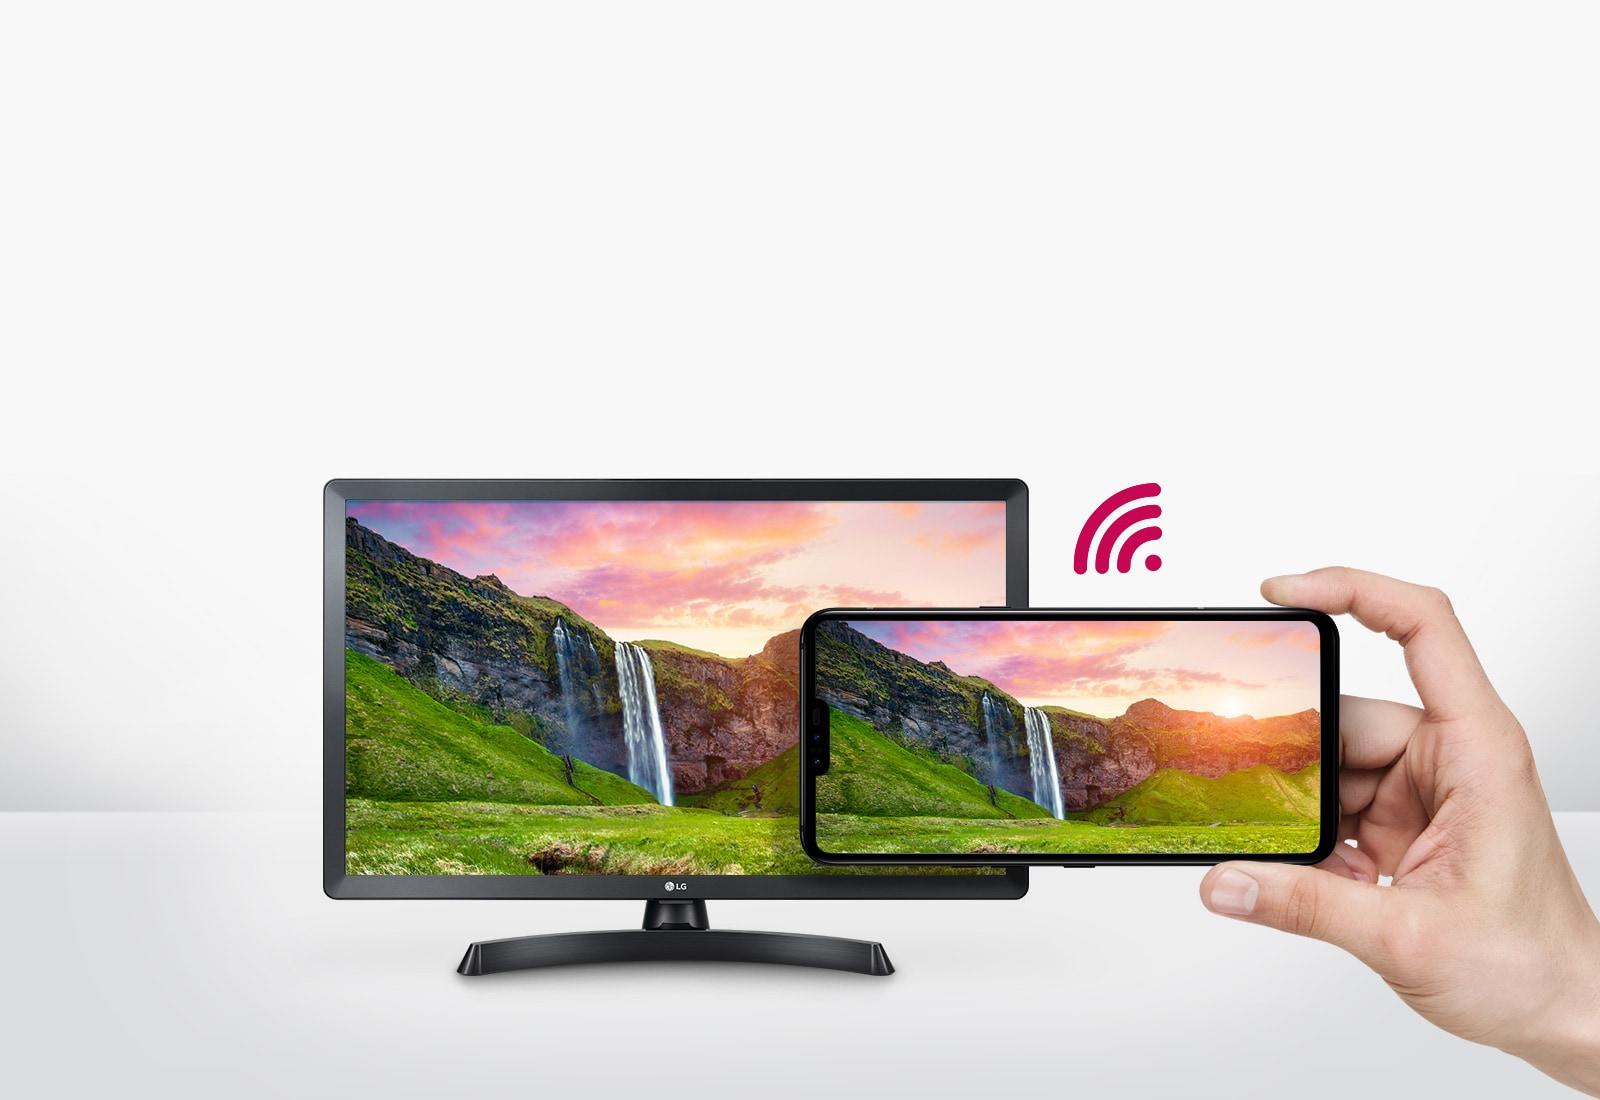 Esta solución inalámbrica con wifi integrado te permite ver el contenido de tu smartphone en el tamaño de tu televisor.